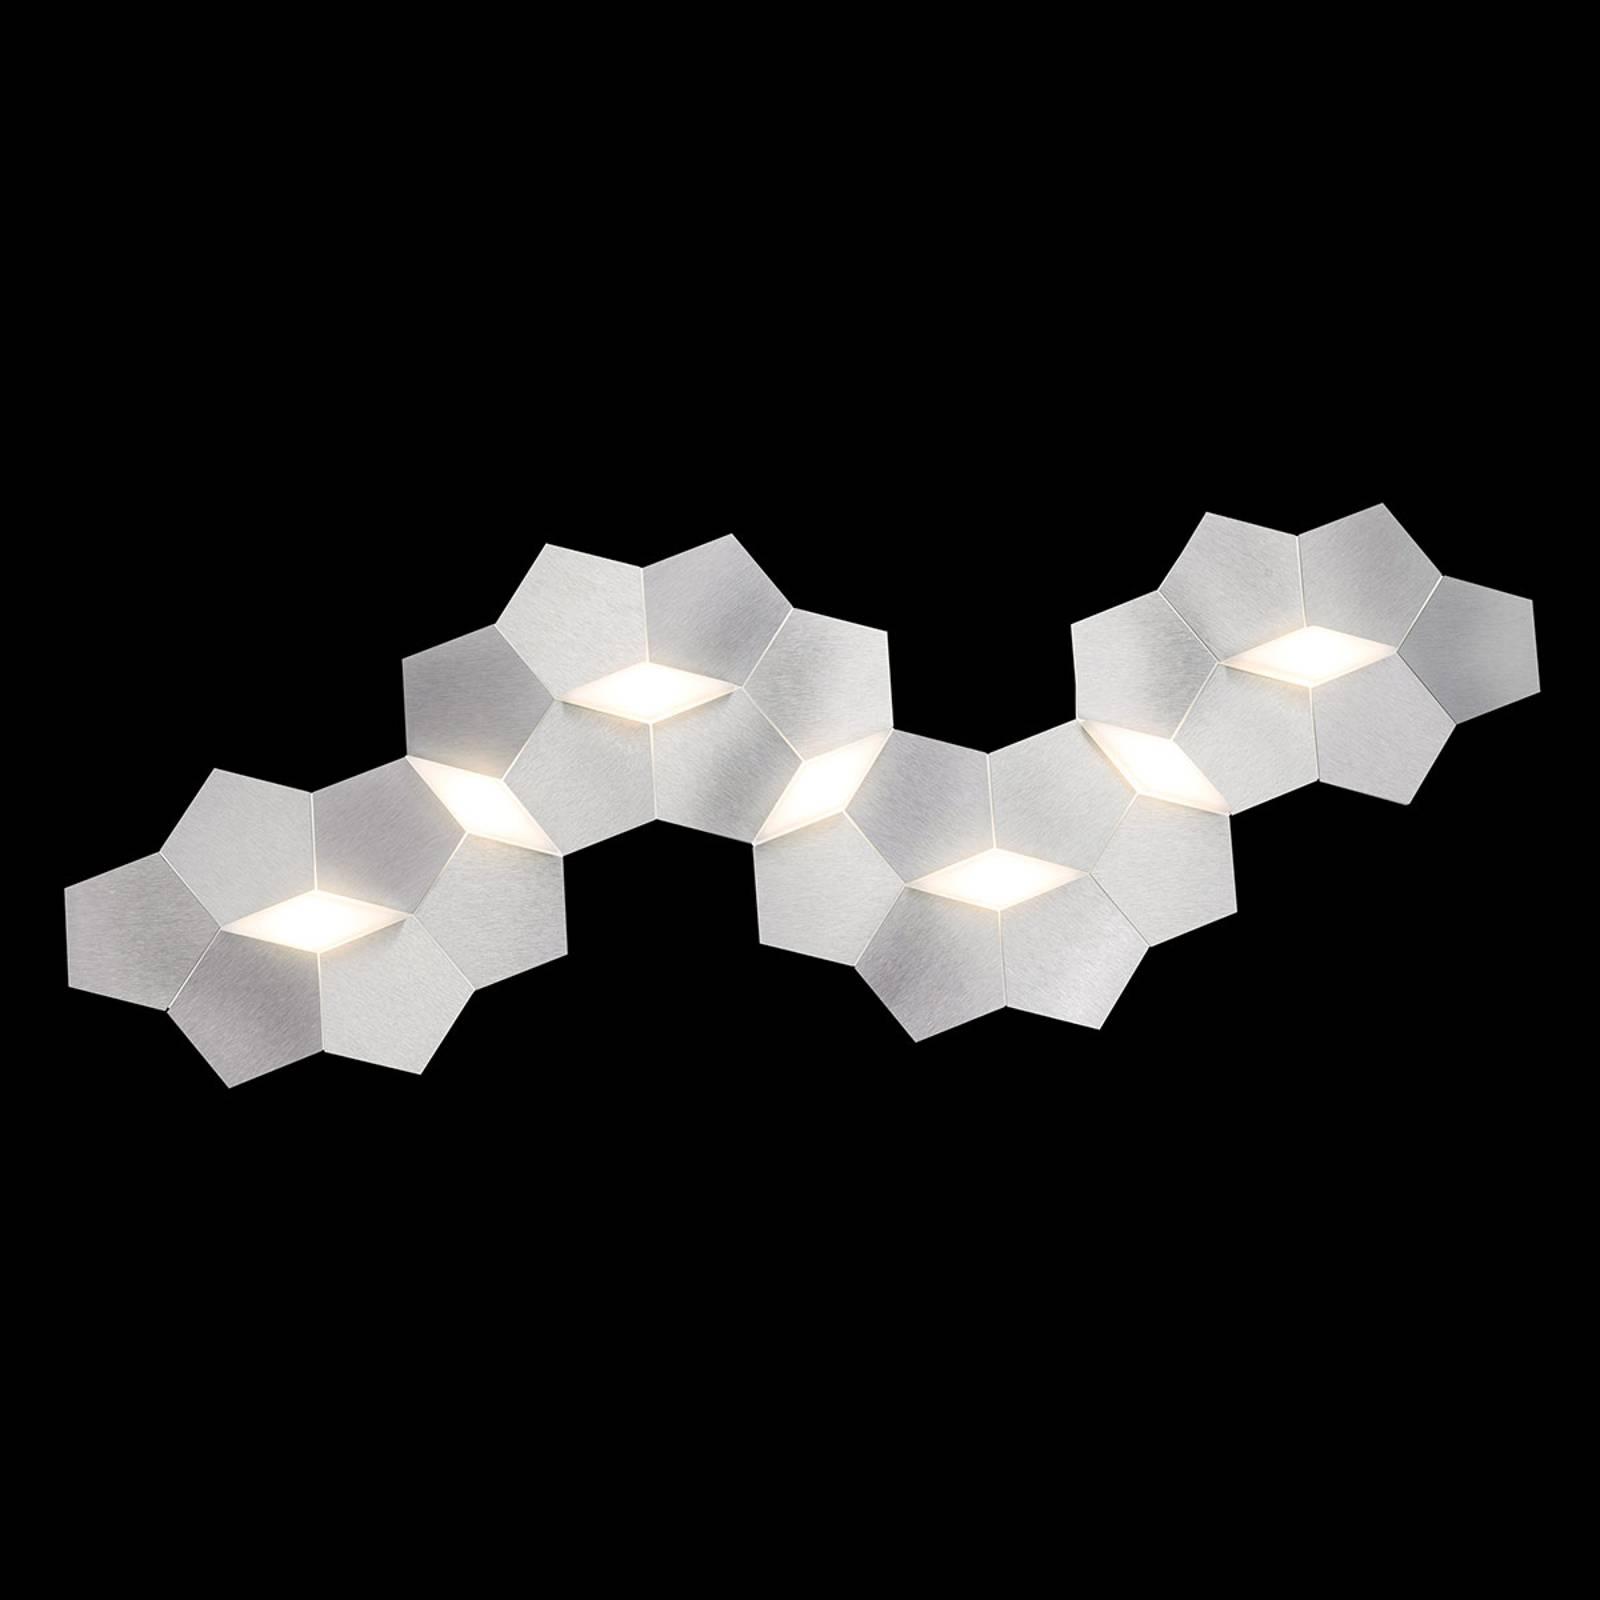 GROSSMANN Linde LED-Wandleuchte